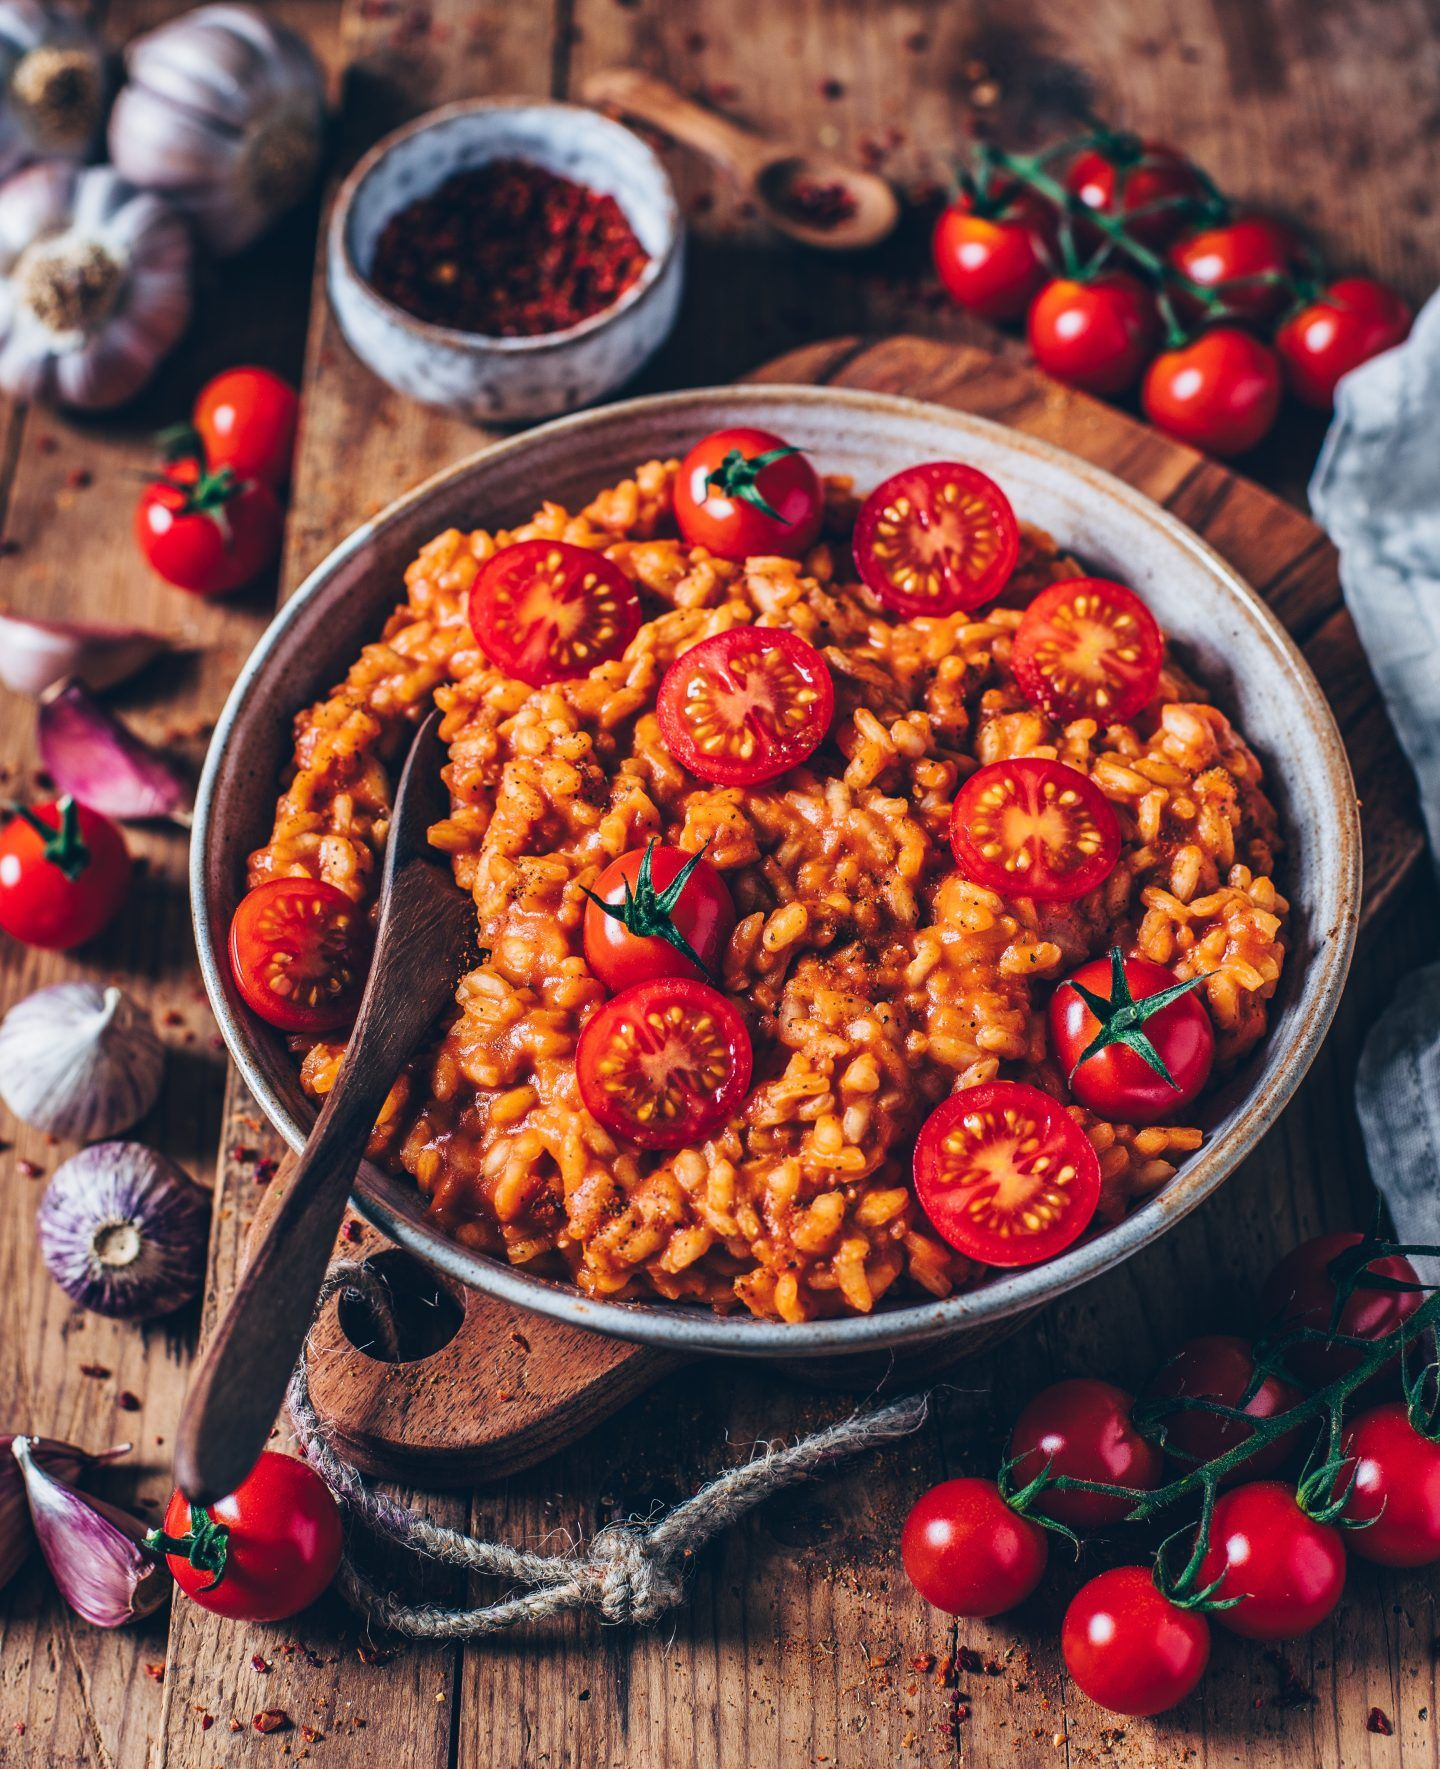 Dieses Cremige Vegane Tomaten Risotto Ist Einfach Und Schnell Zubereitet Und Unheimlich Lecker Ein Perfektes Mittag O Rezepte Gesunde Rezepte Tomaten Risotto